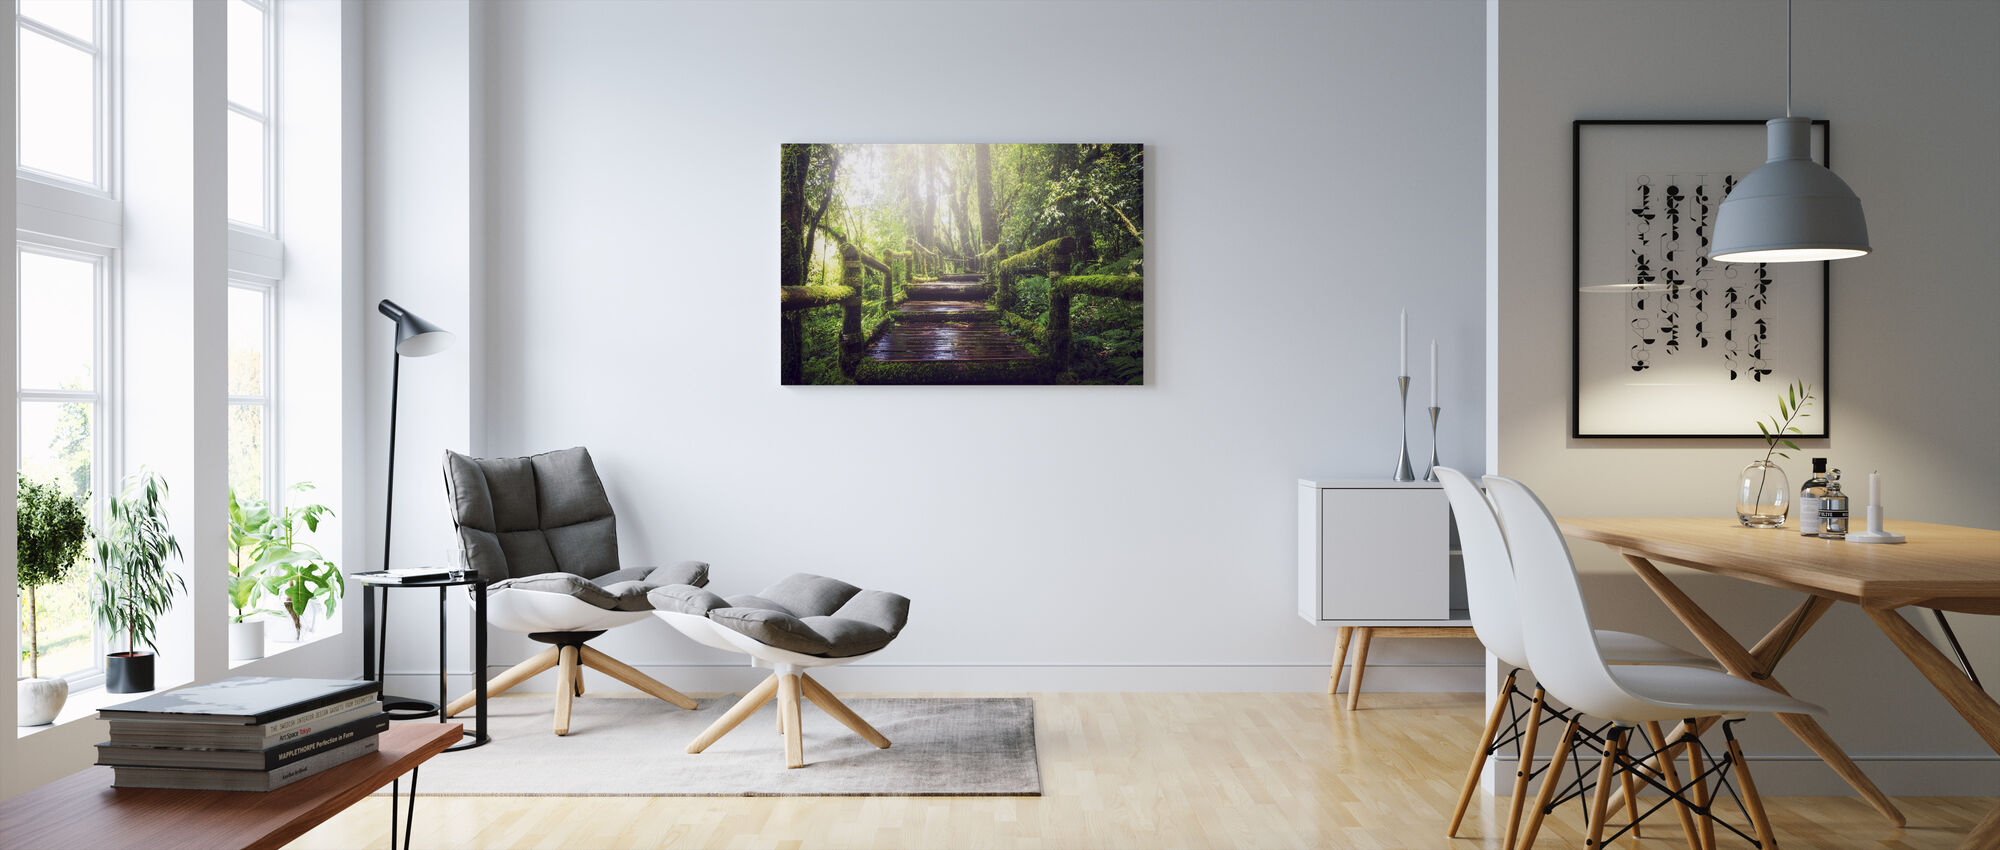 Veien i skogen - Lerretsbilde - Stue